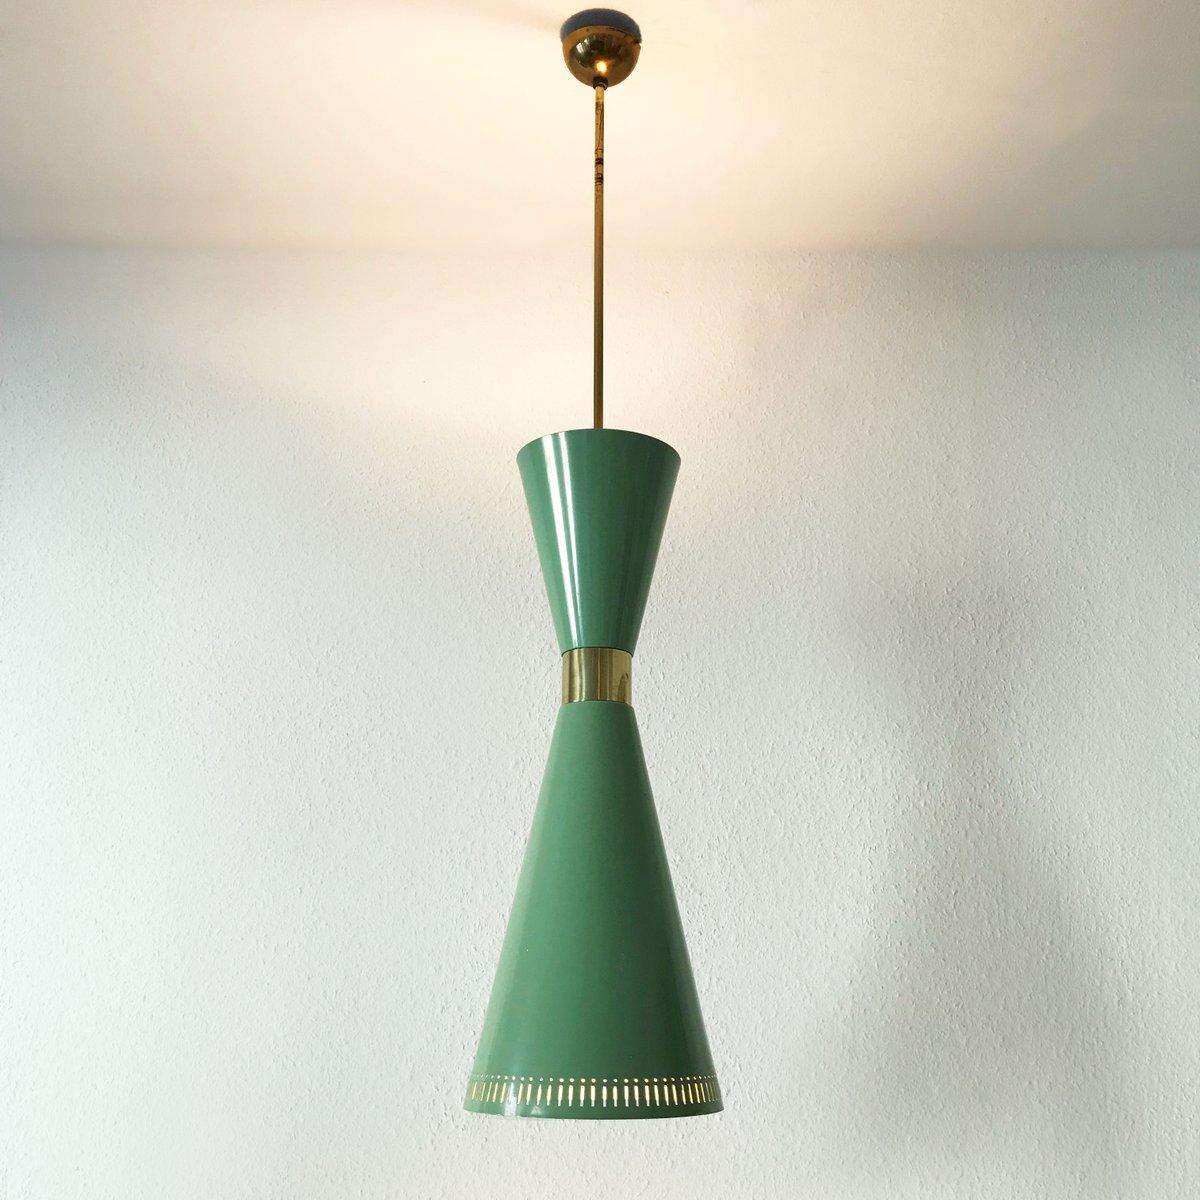 Vintage Diabolo Hängelampe von BAG Turgi, 1950er